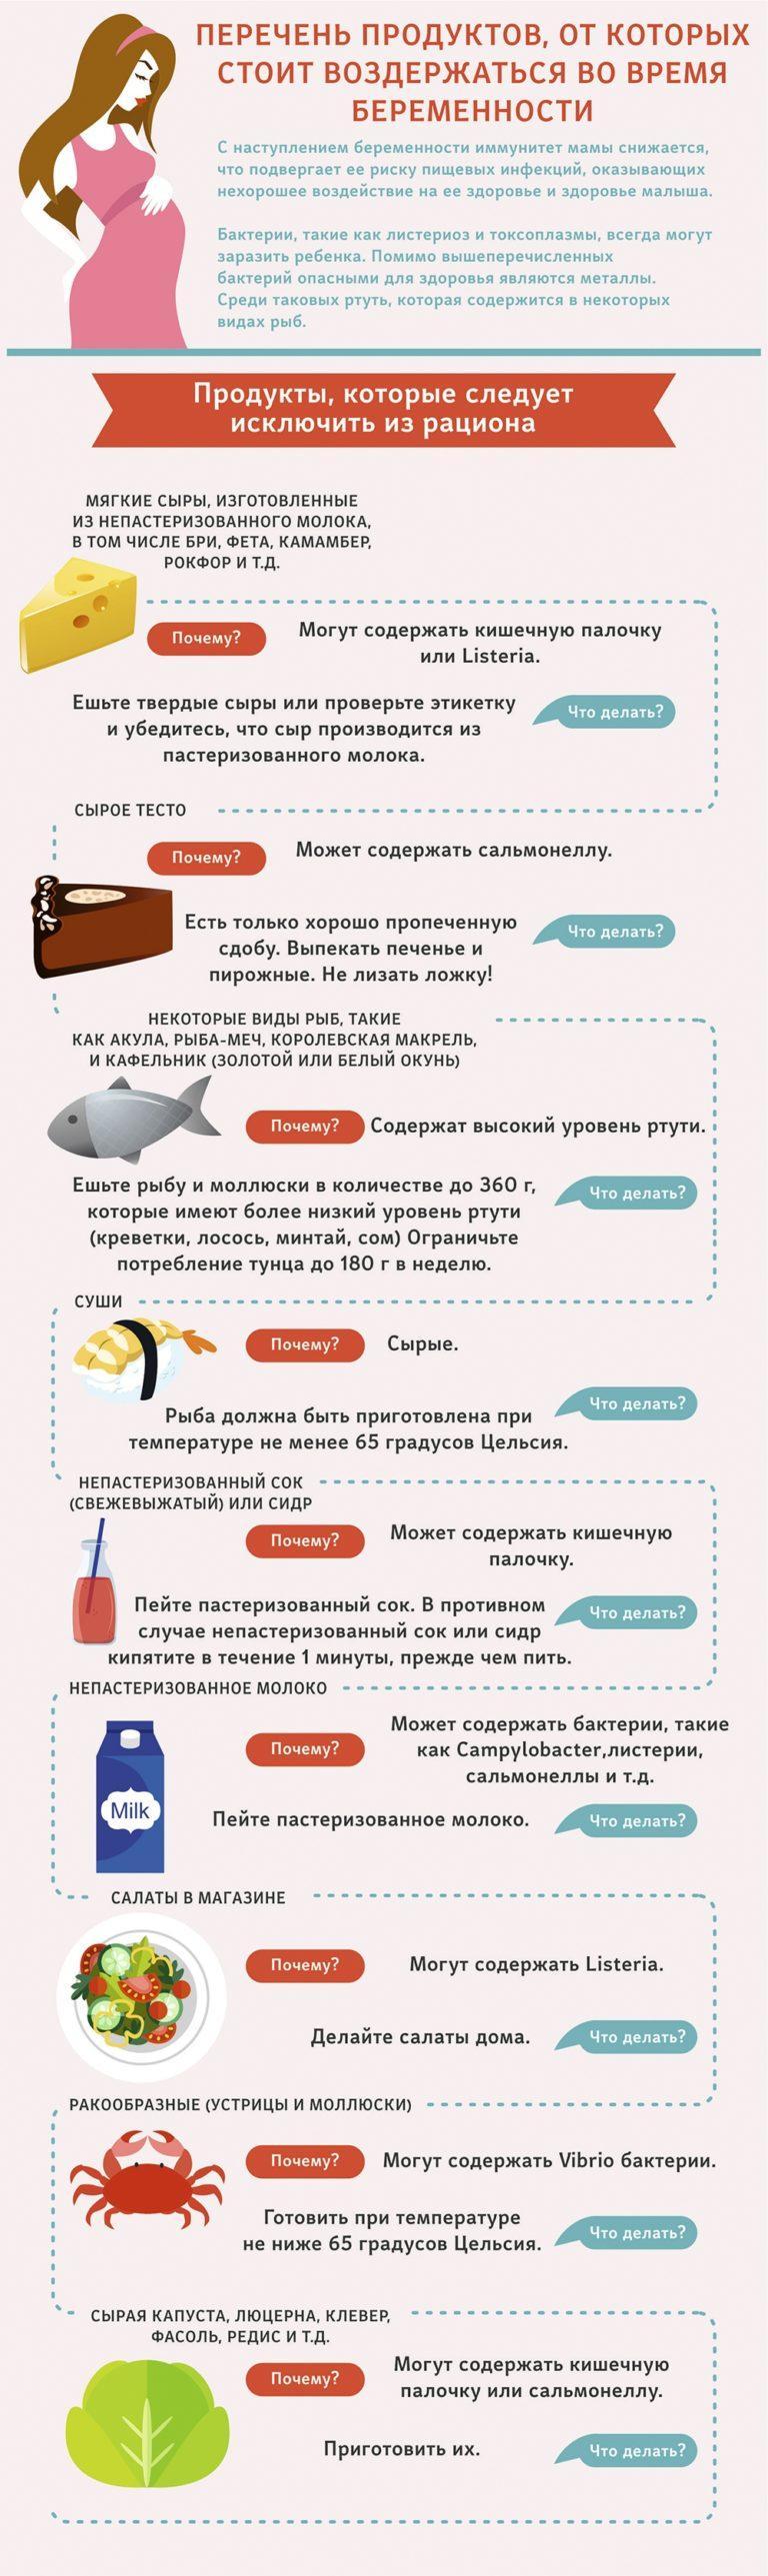 Перечень запрещенных продуктов для беременных 19